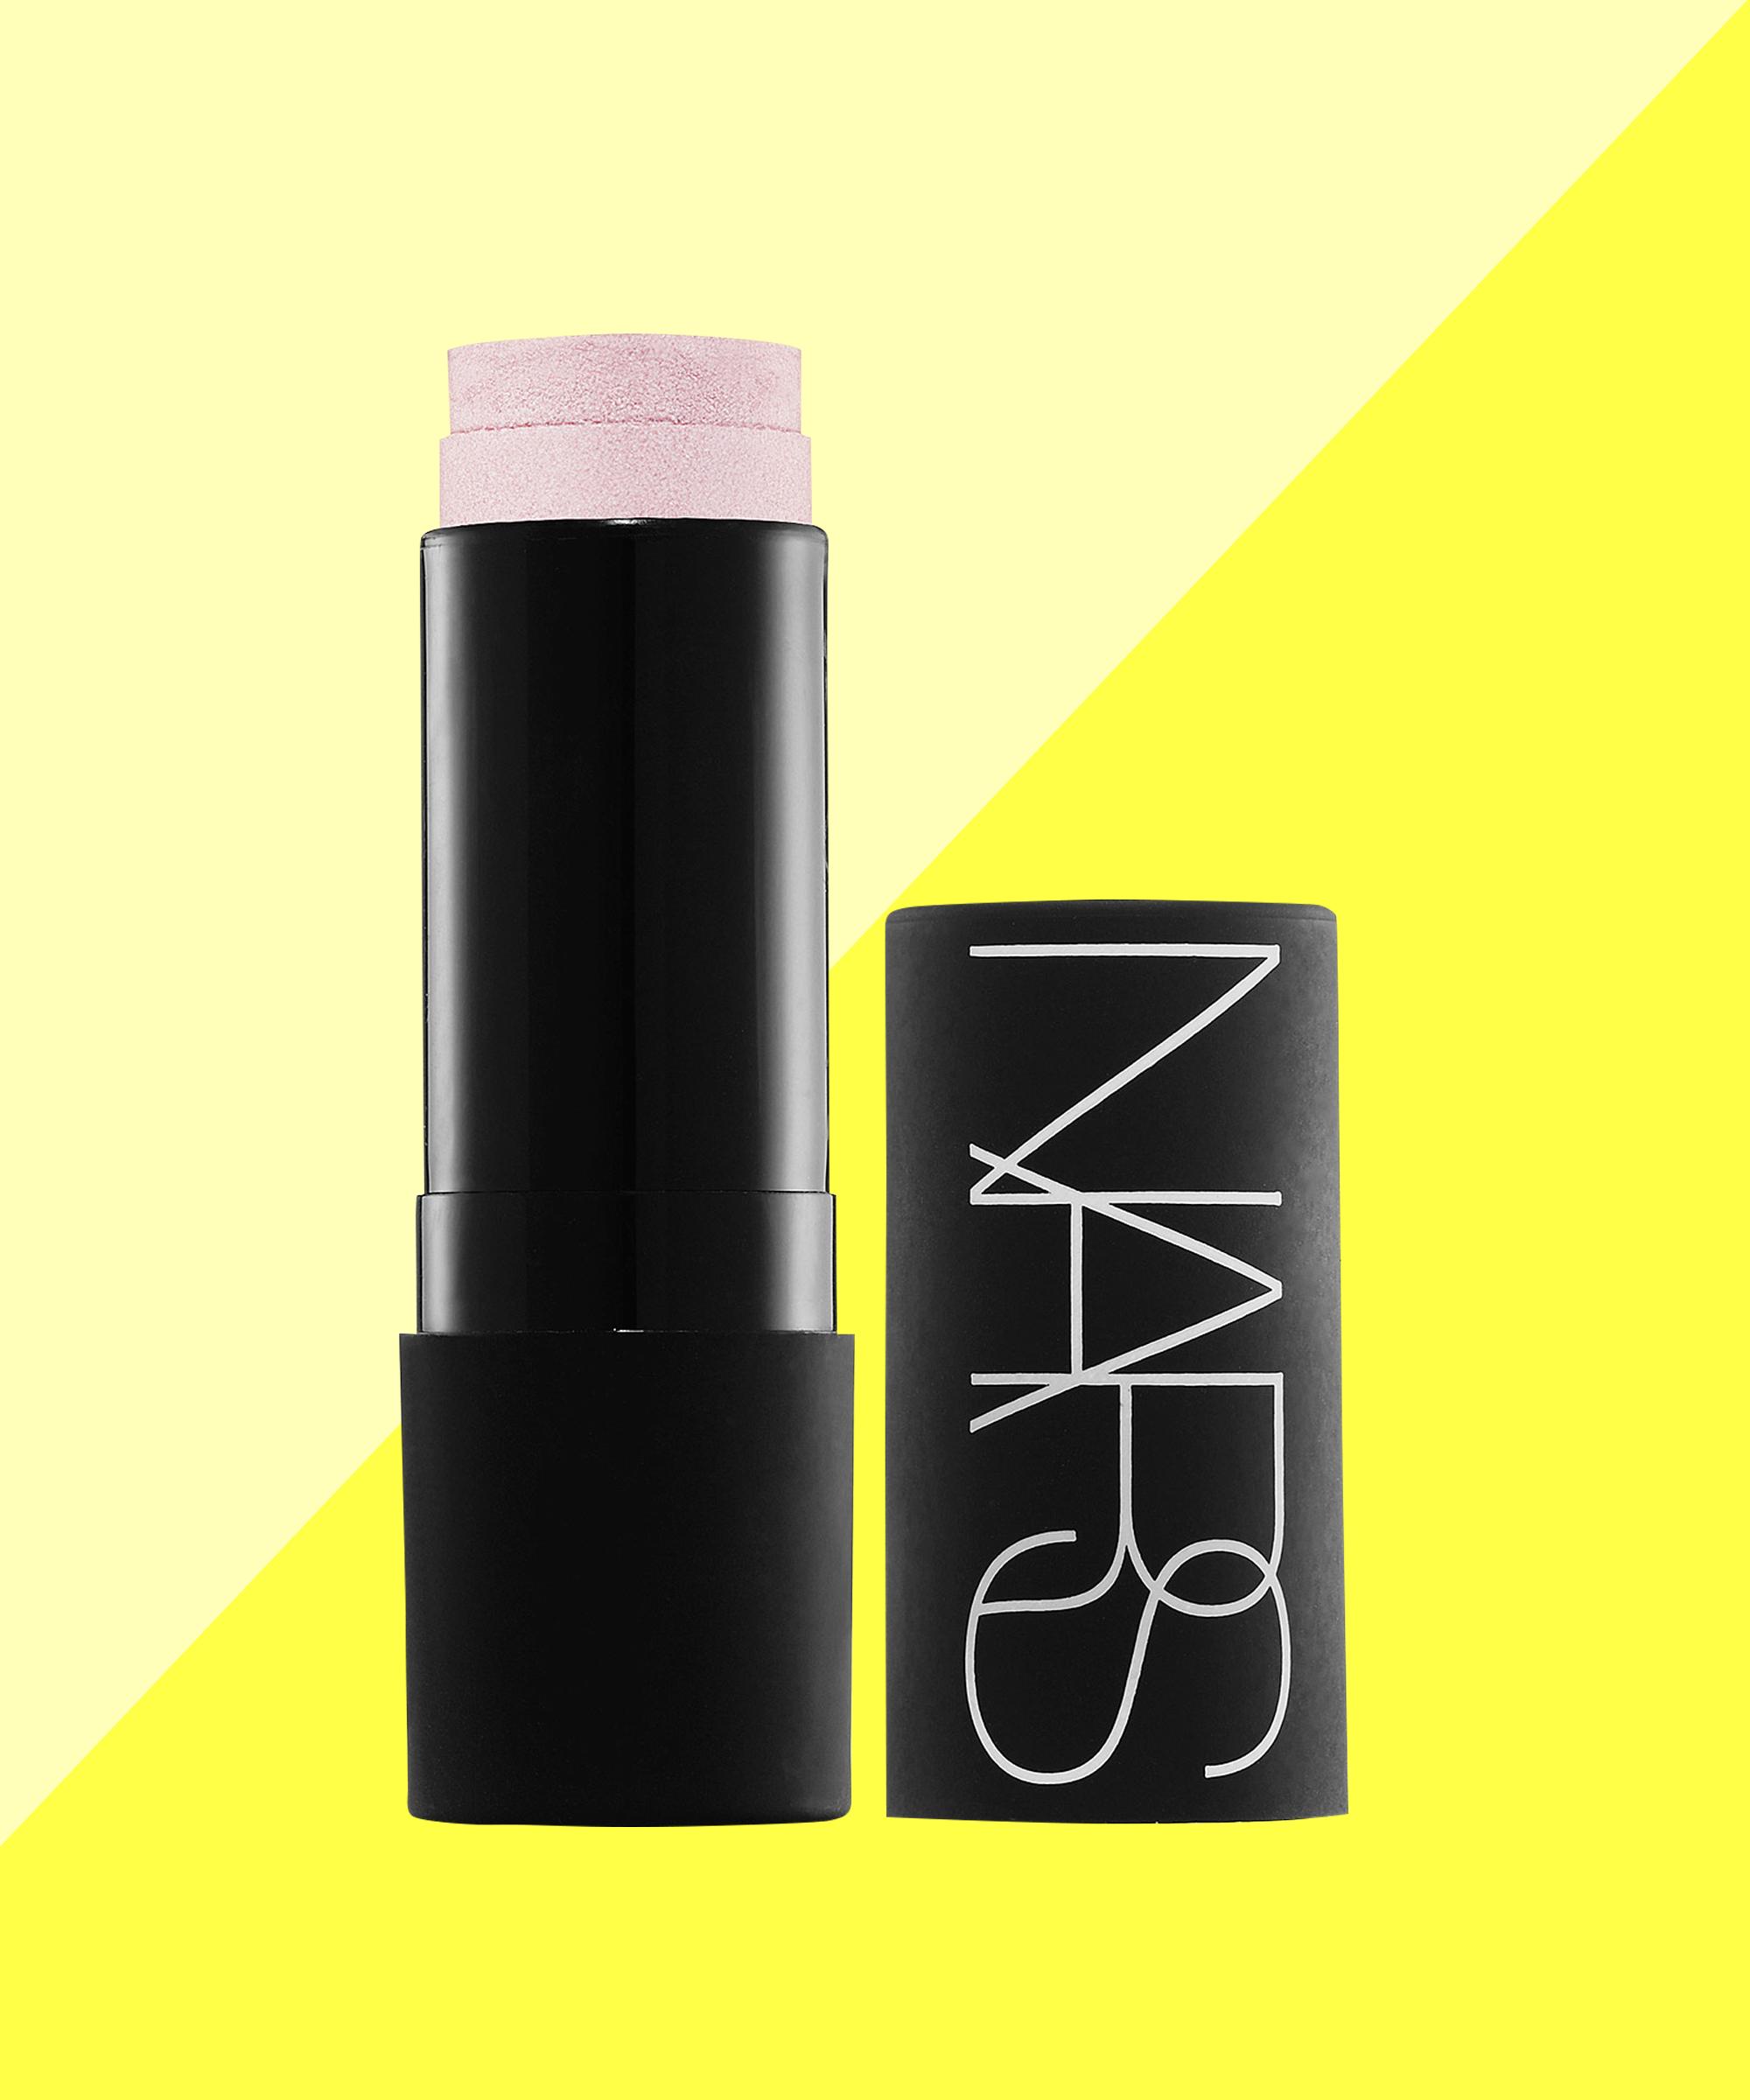 Highlighter Makeup Best Highlight By Skin Tone Frnd Cosmetics Lip Cream Dusk Till Dawn